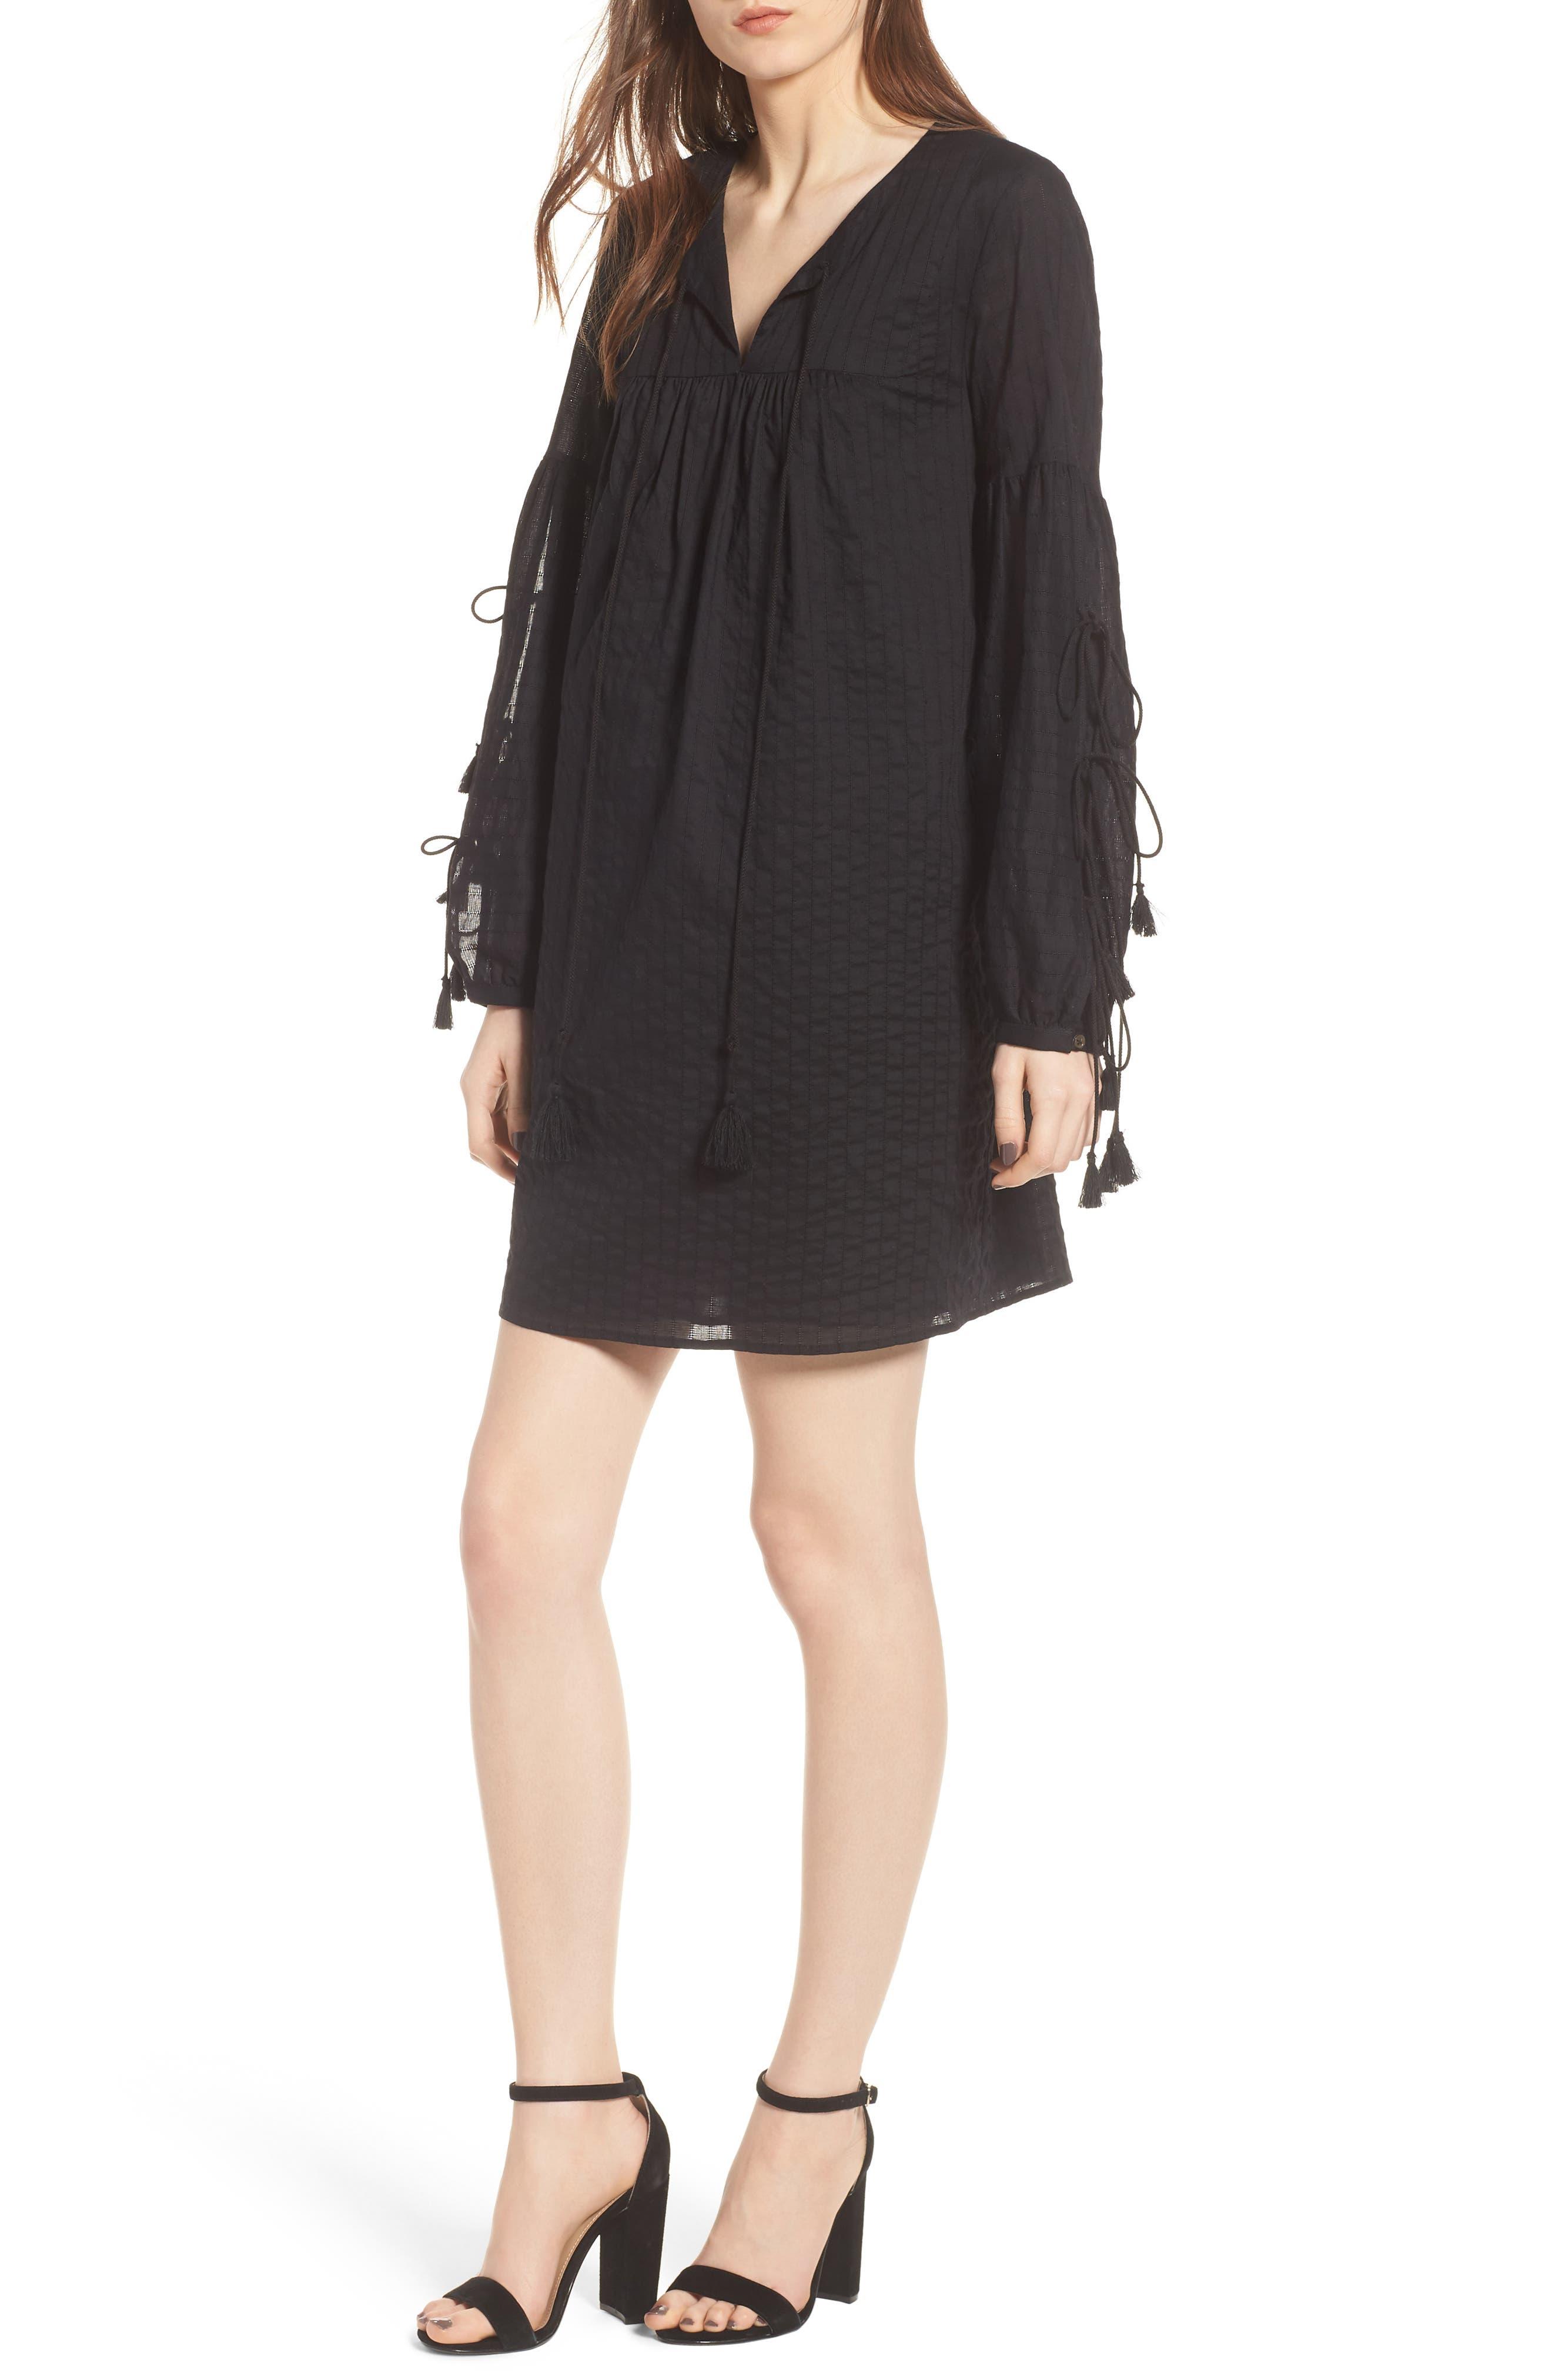 Dolly Dress,                             Main thumbnail 1, color,                             001